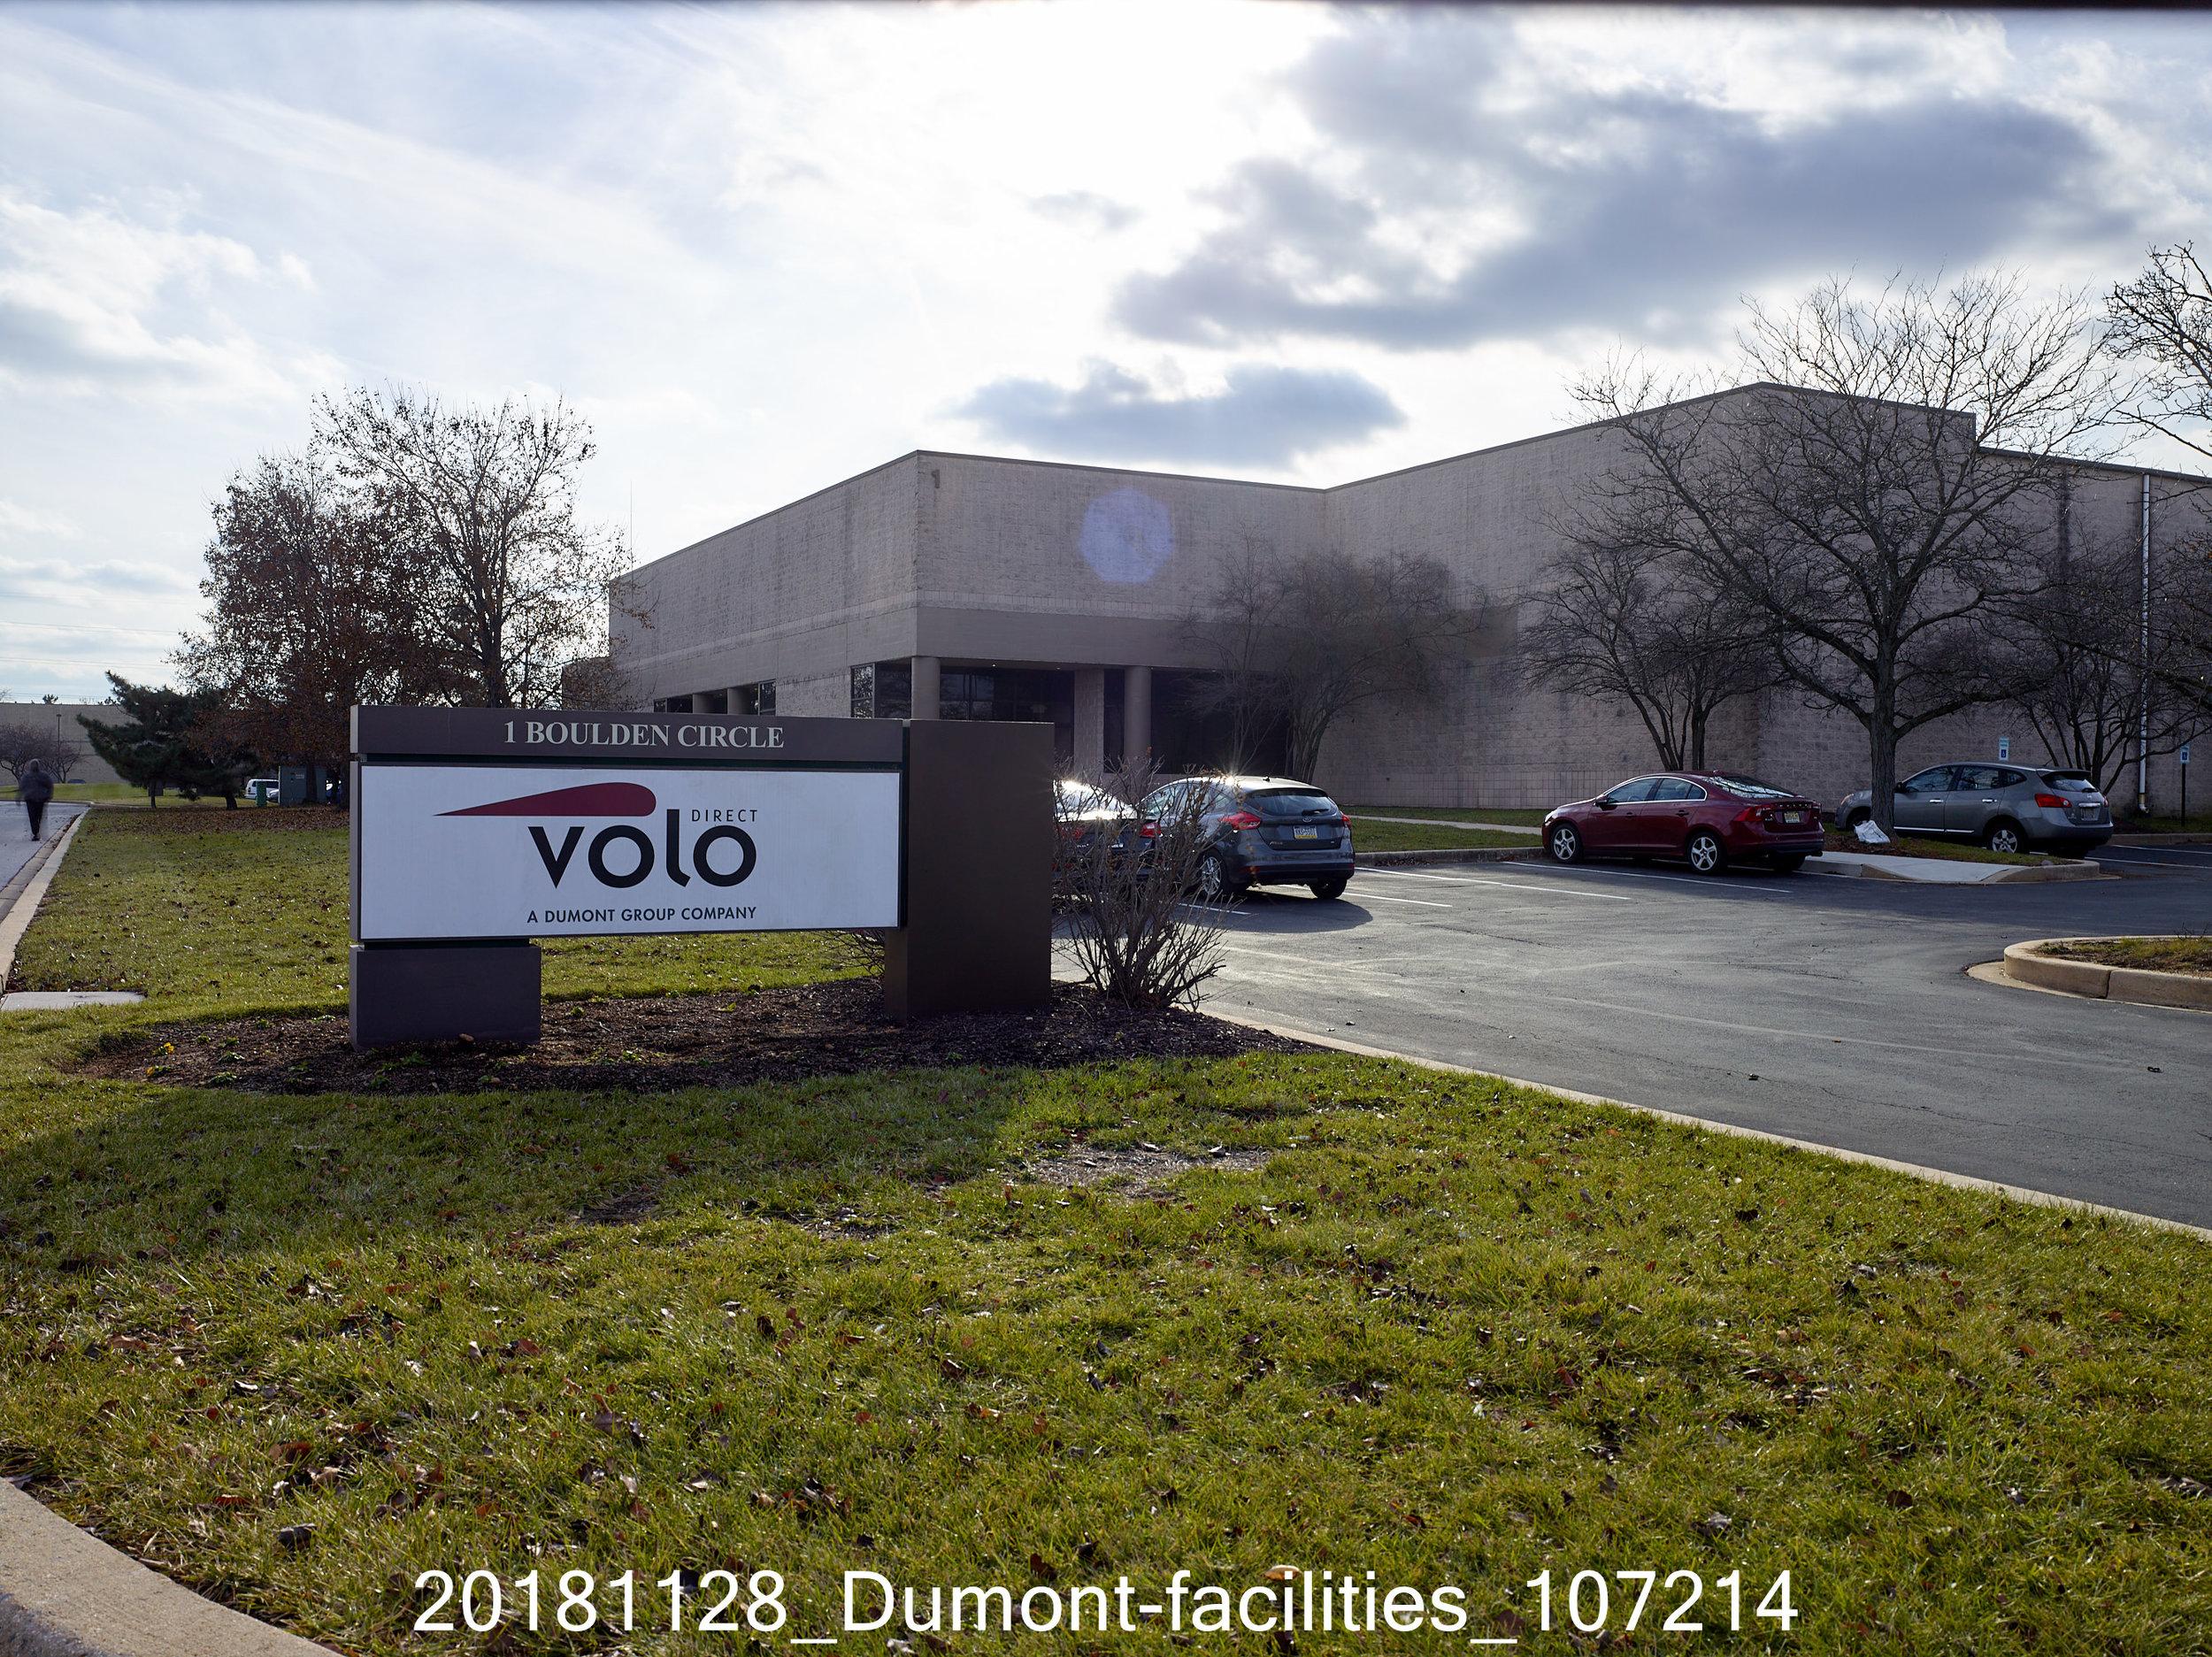 20181128_Dumont-facilities_107214.jpg